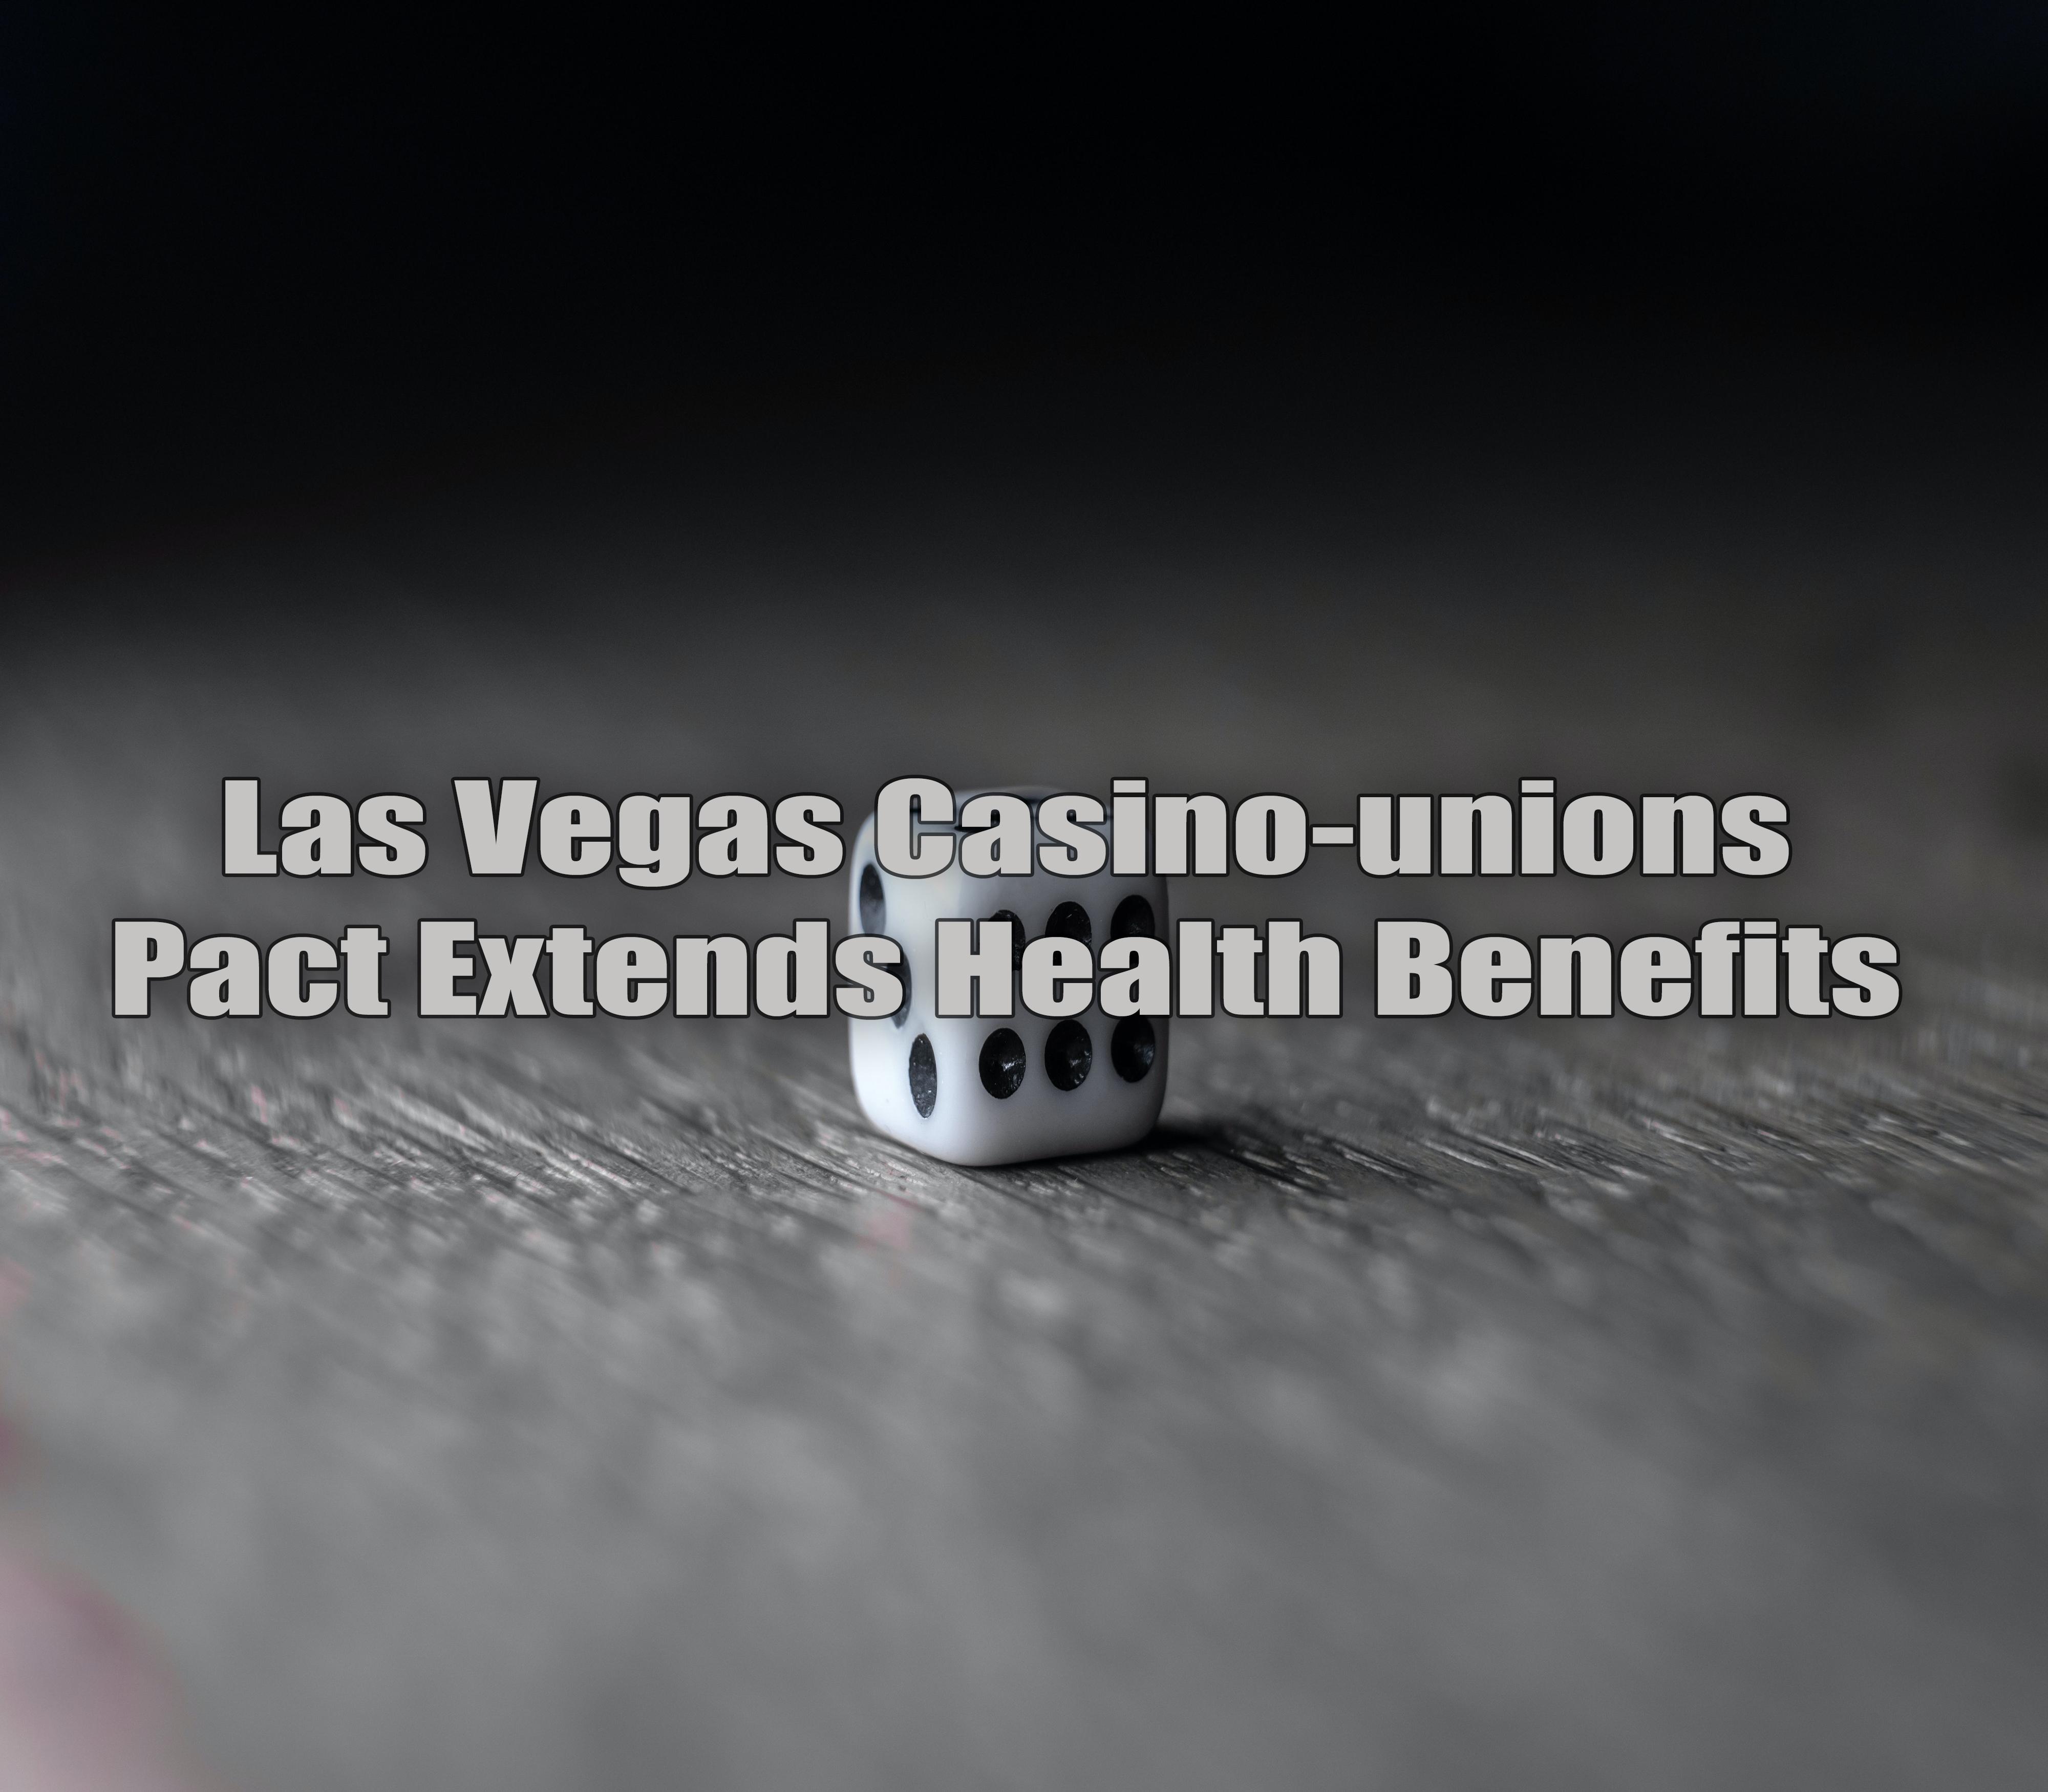 Casino-unions Las Vegas.jpg